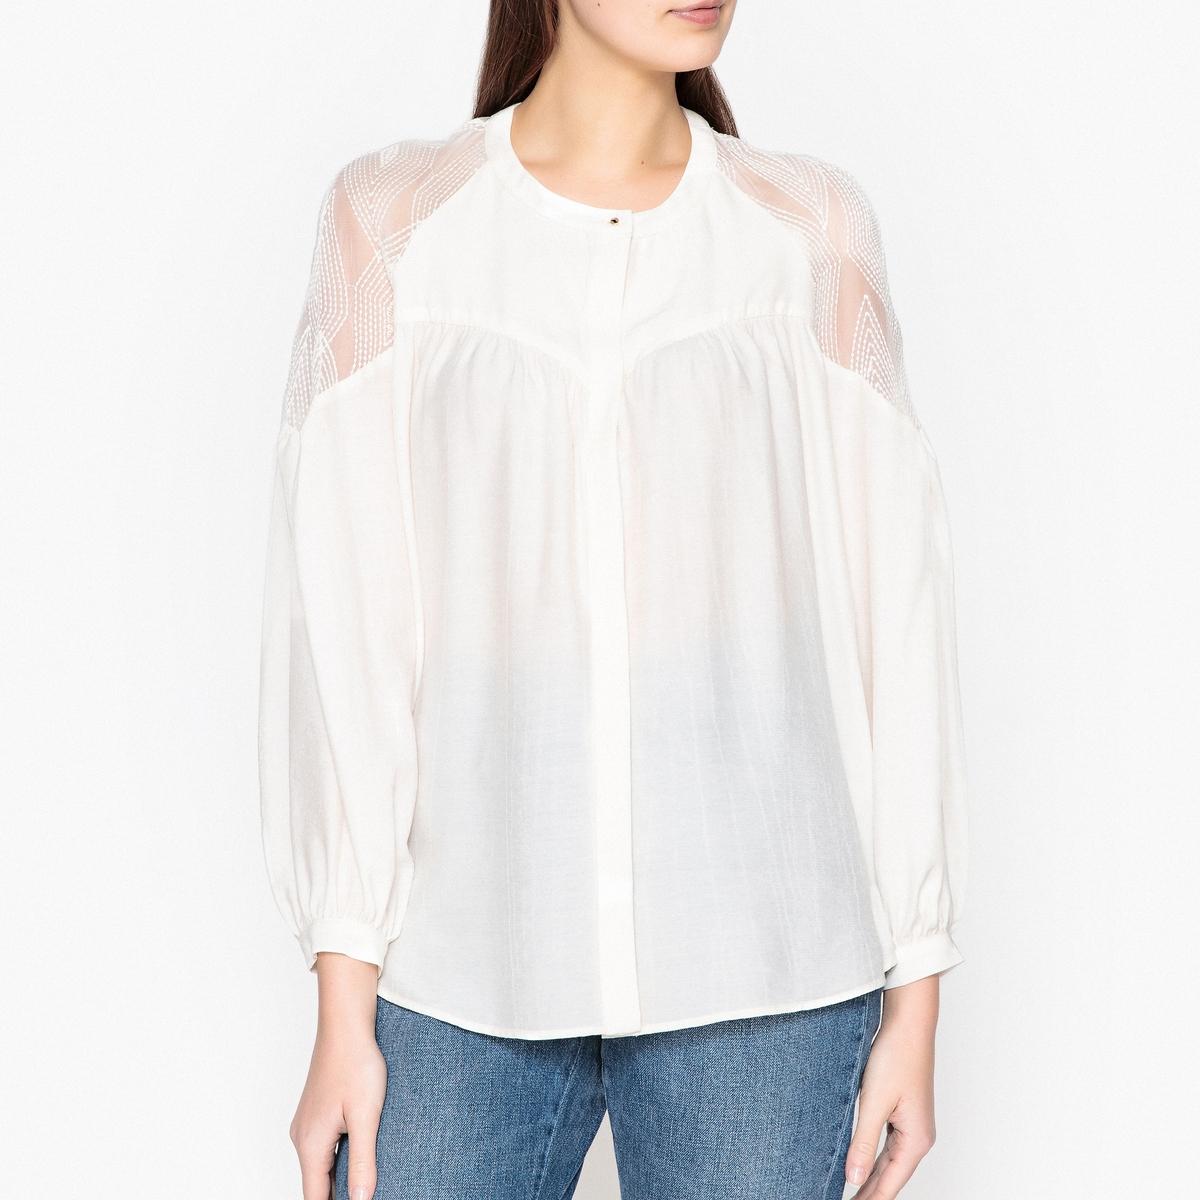 Рубашка с оригинальными плечами BAPTISTINEОписаниеРубашка SESSUN  - модель BAPTISTINE. Прозрачные оригинальные вставки на плечах. Сборки и супатная застёжка на пуговицы спереди. Детали •  Рукава 3/4 •  Прямой покрой •  Воротник-поло, рубашечныйСостав и уход •  75% вискозы, 25% полиэстера •  Следуйте советам по уходу, указанным на этикетке •  Присборенные манжеты с застежкой на пуговицу •  Закругленный низ<br><br>Цвет: экрю<br>Размер: L